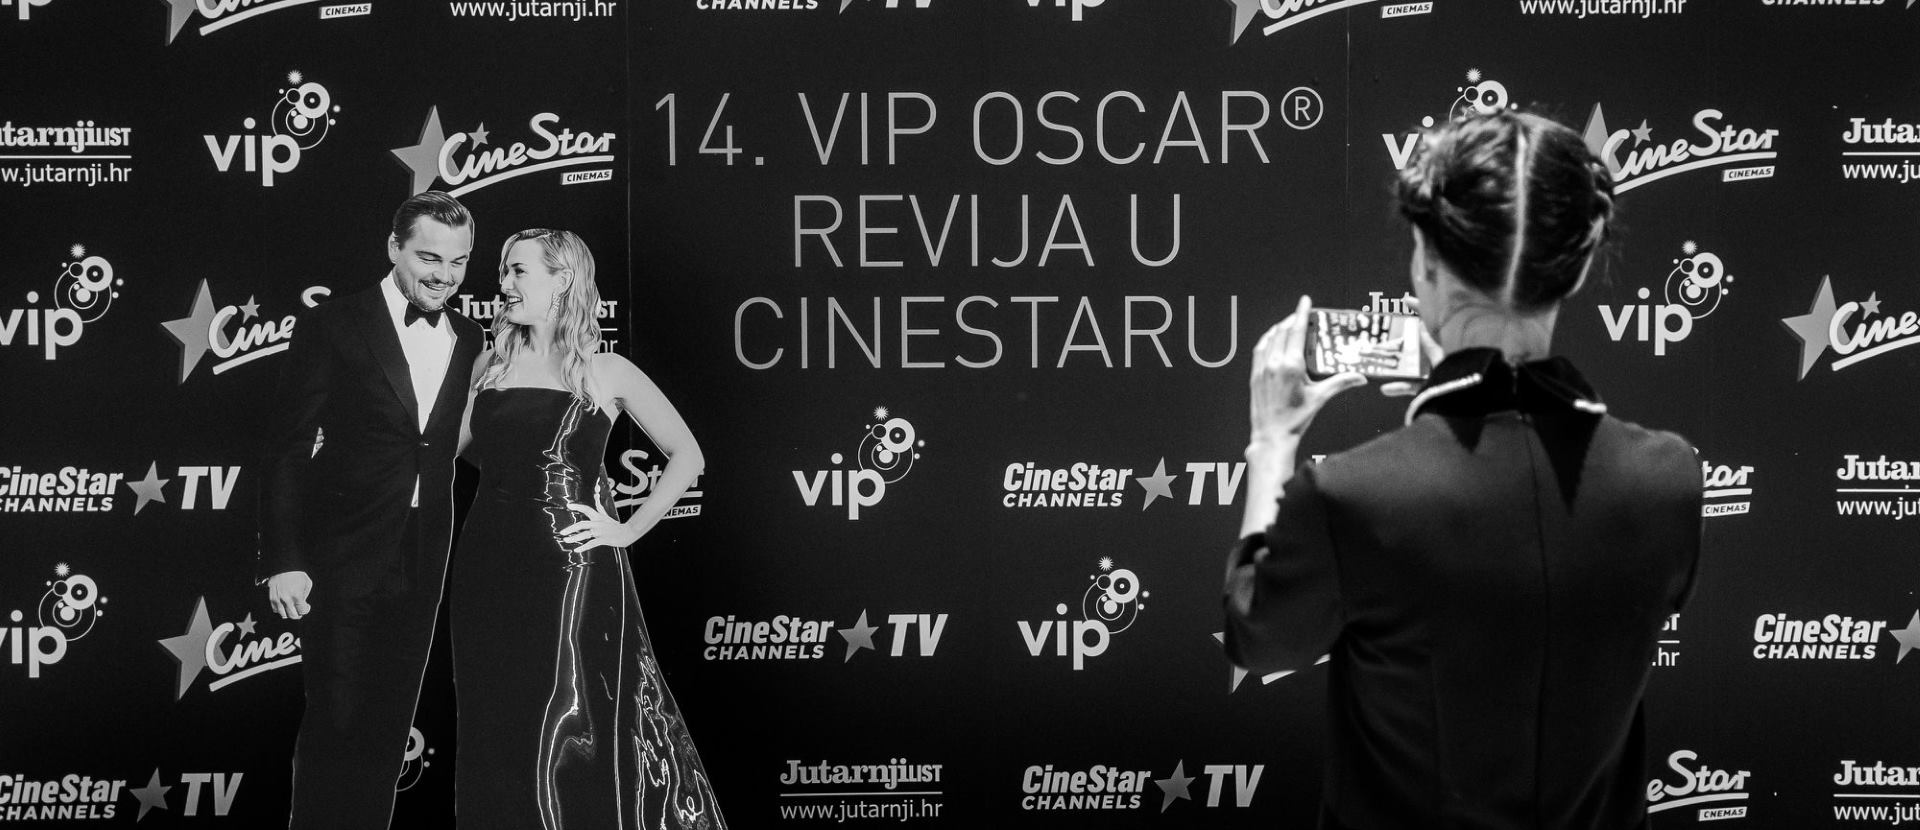 FOTO: Poznati Splićani na otvorenju 14. Vip Oscar revije u CineStaru 4DX™